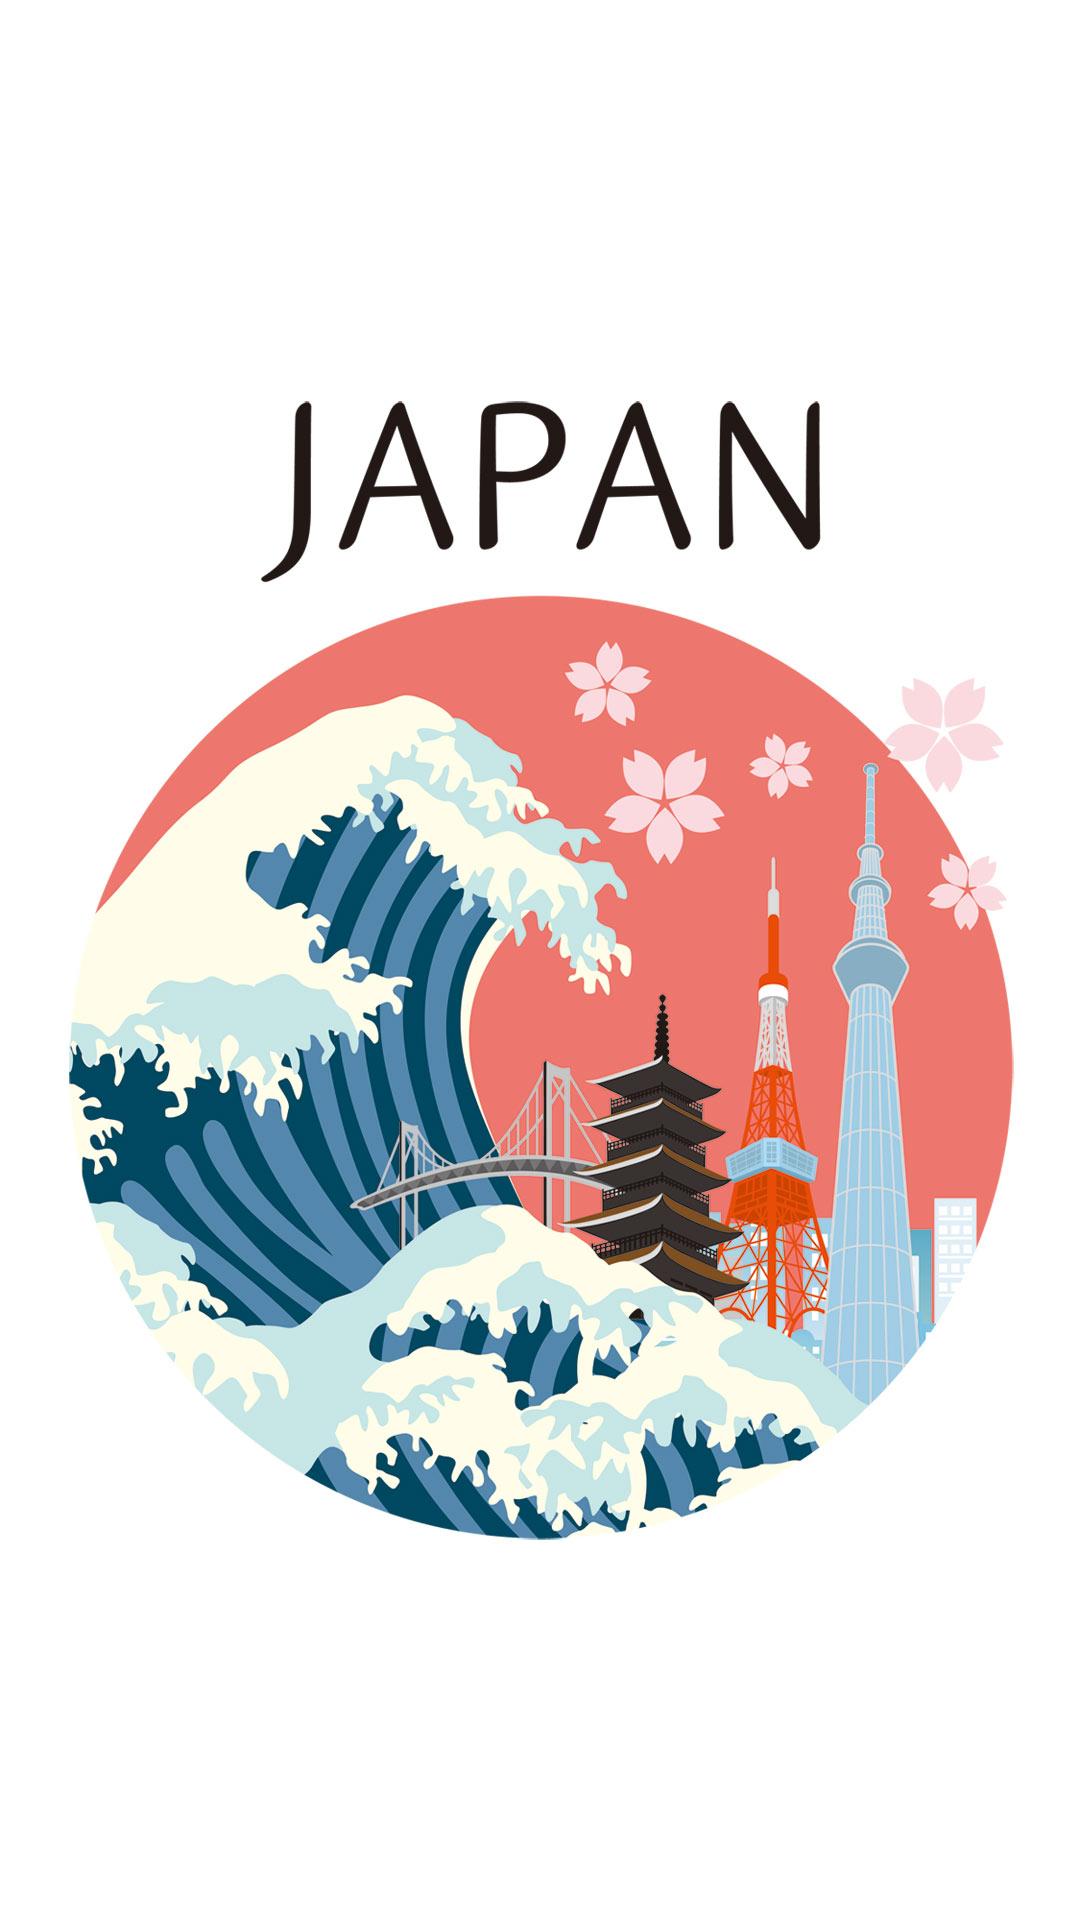 日本 Japan の無料スマホ壁紙 待ち受け画像 Iphone Android 1 待ち受けparadise